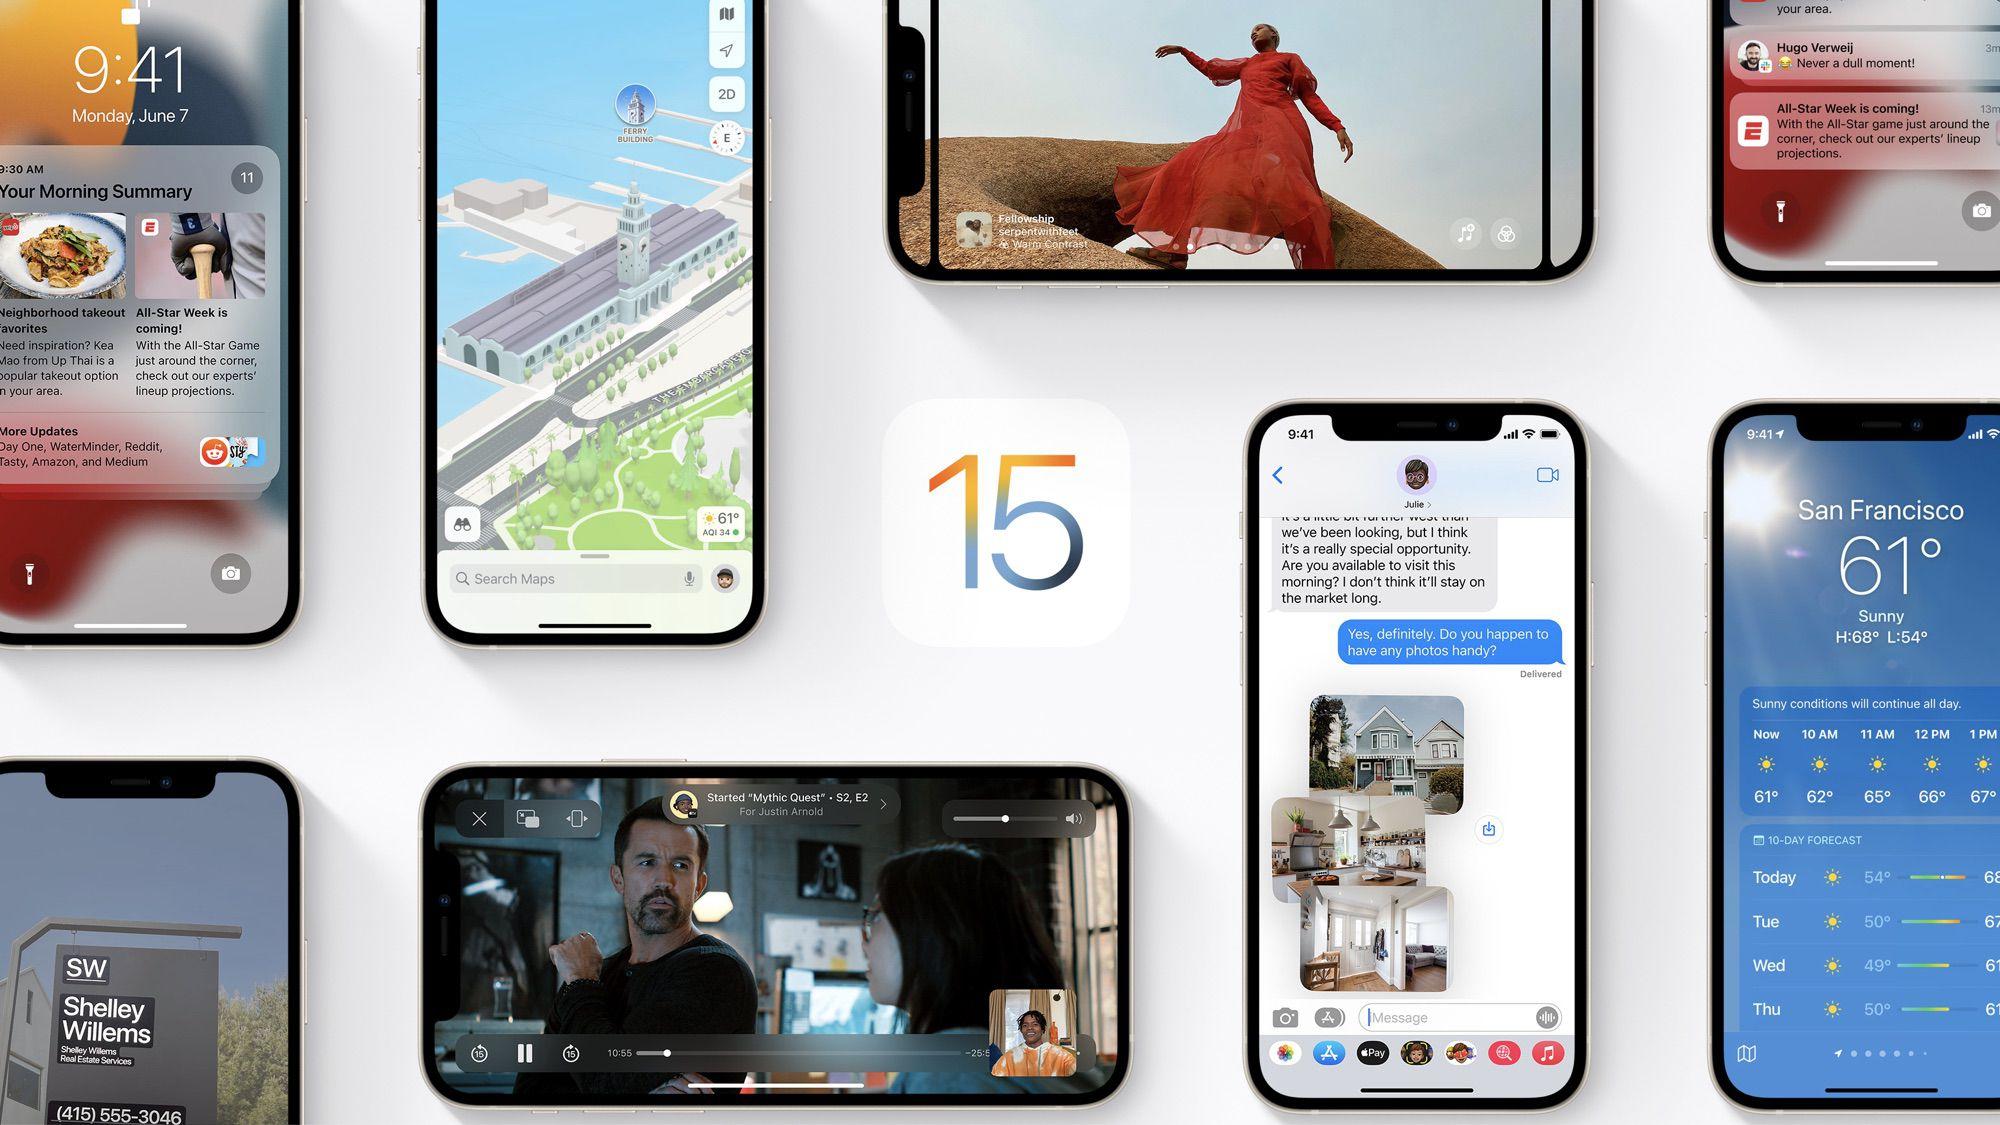 اپل از سیستم عامل iOS 15 با قابلیتهای جدید رونمایی کرد